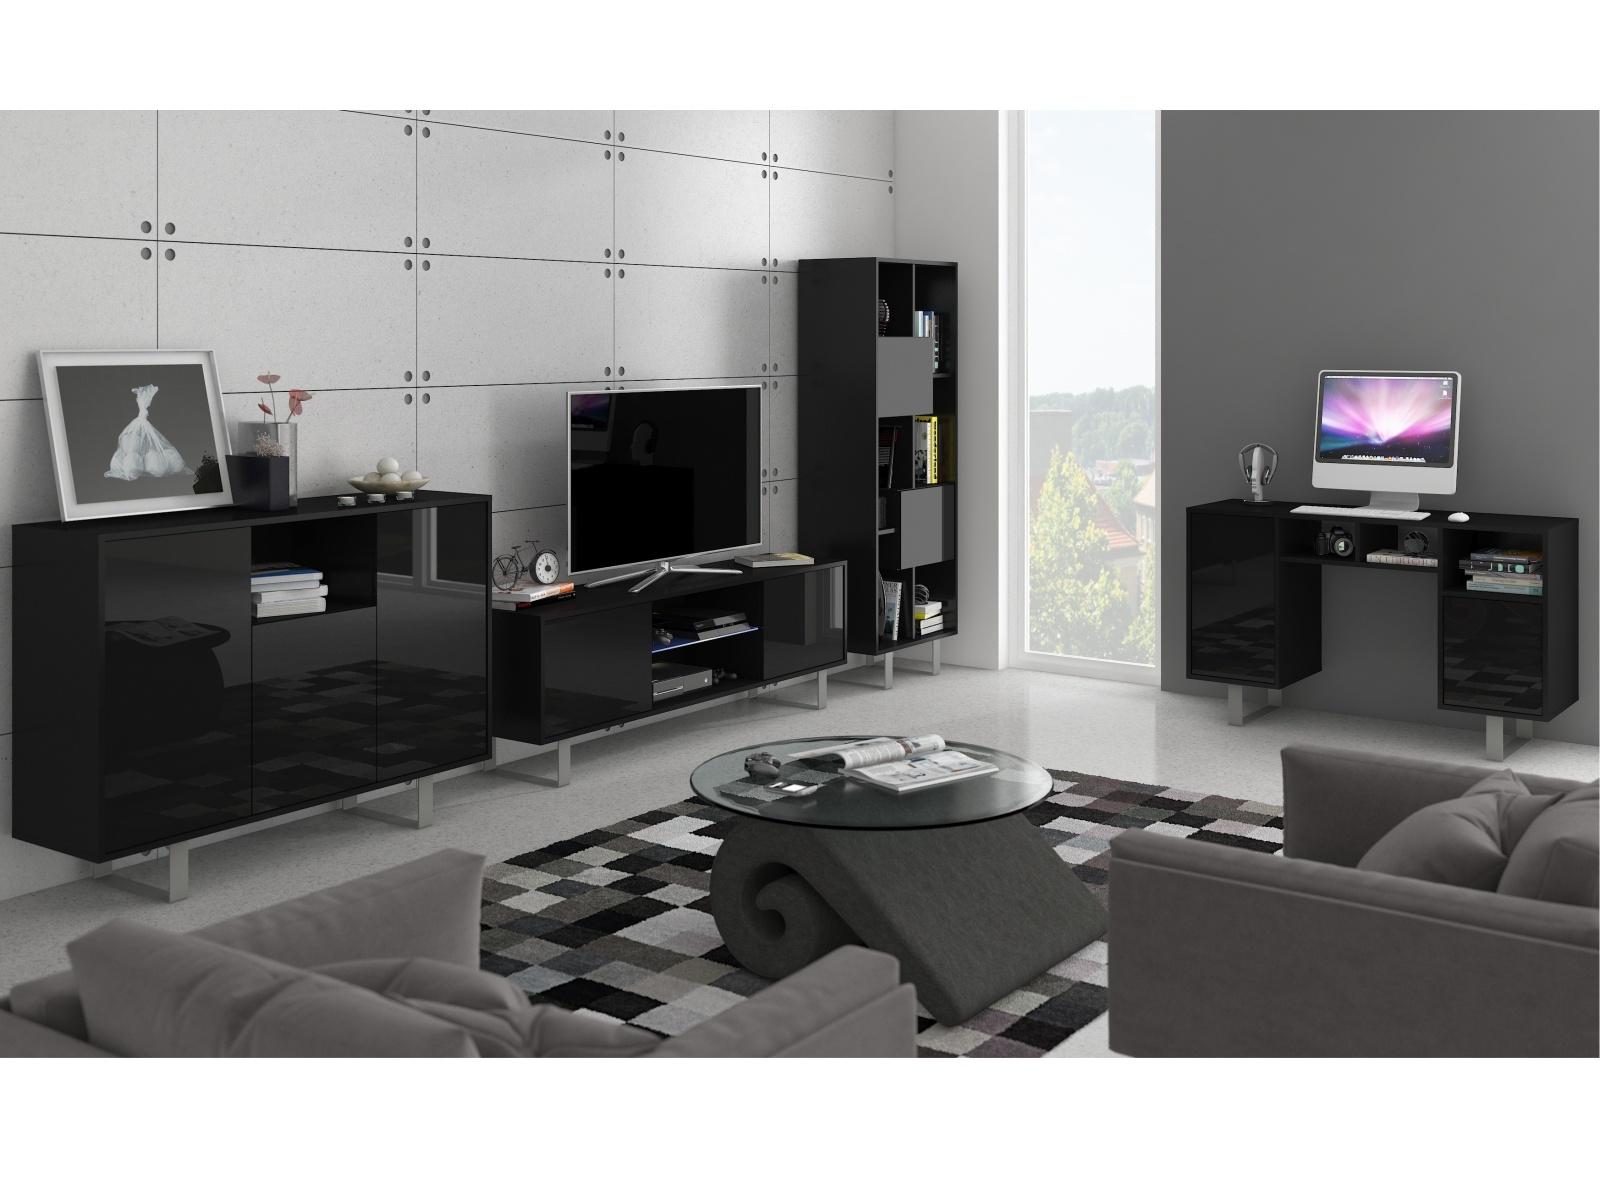 MORAVIA FLAT KING obývací pokoj - sestava 2, černá/černý lesk